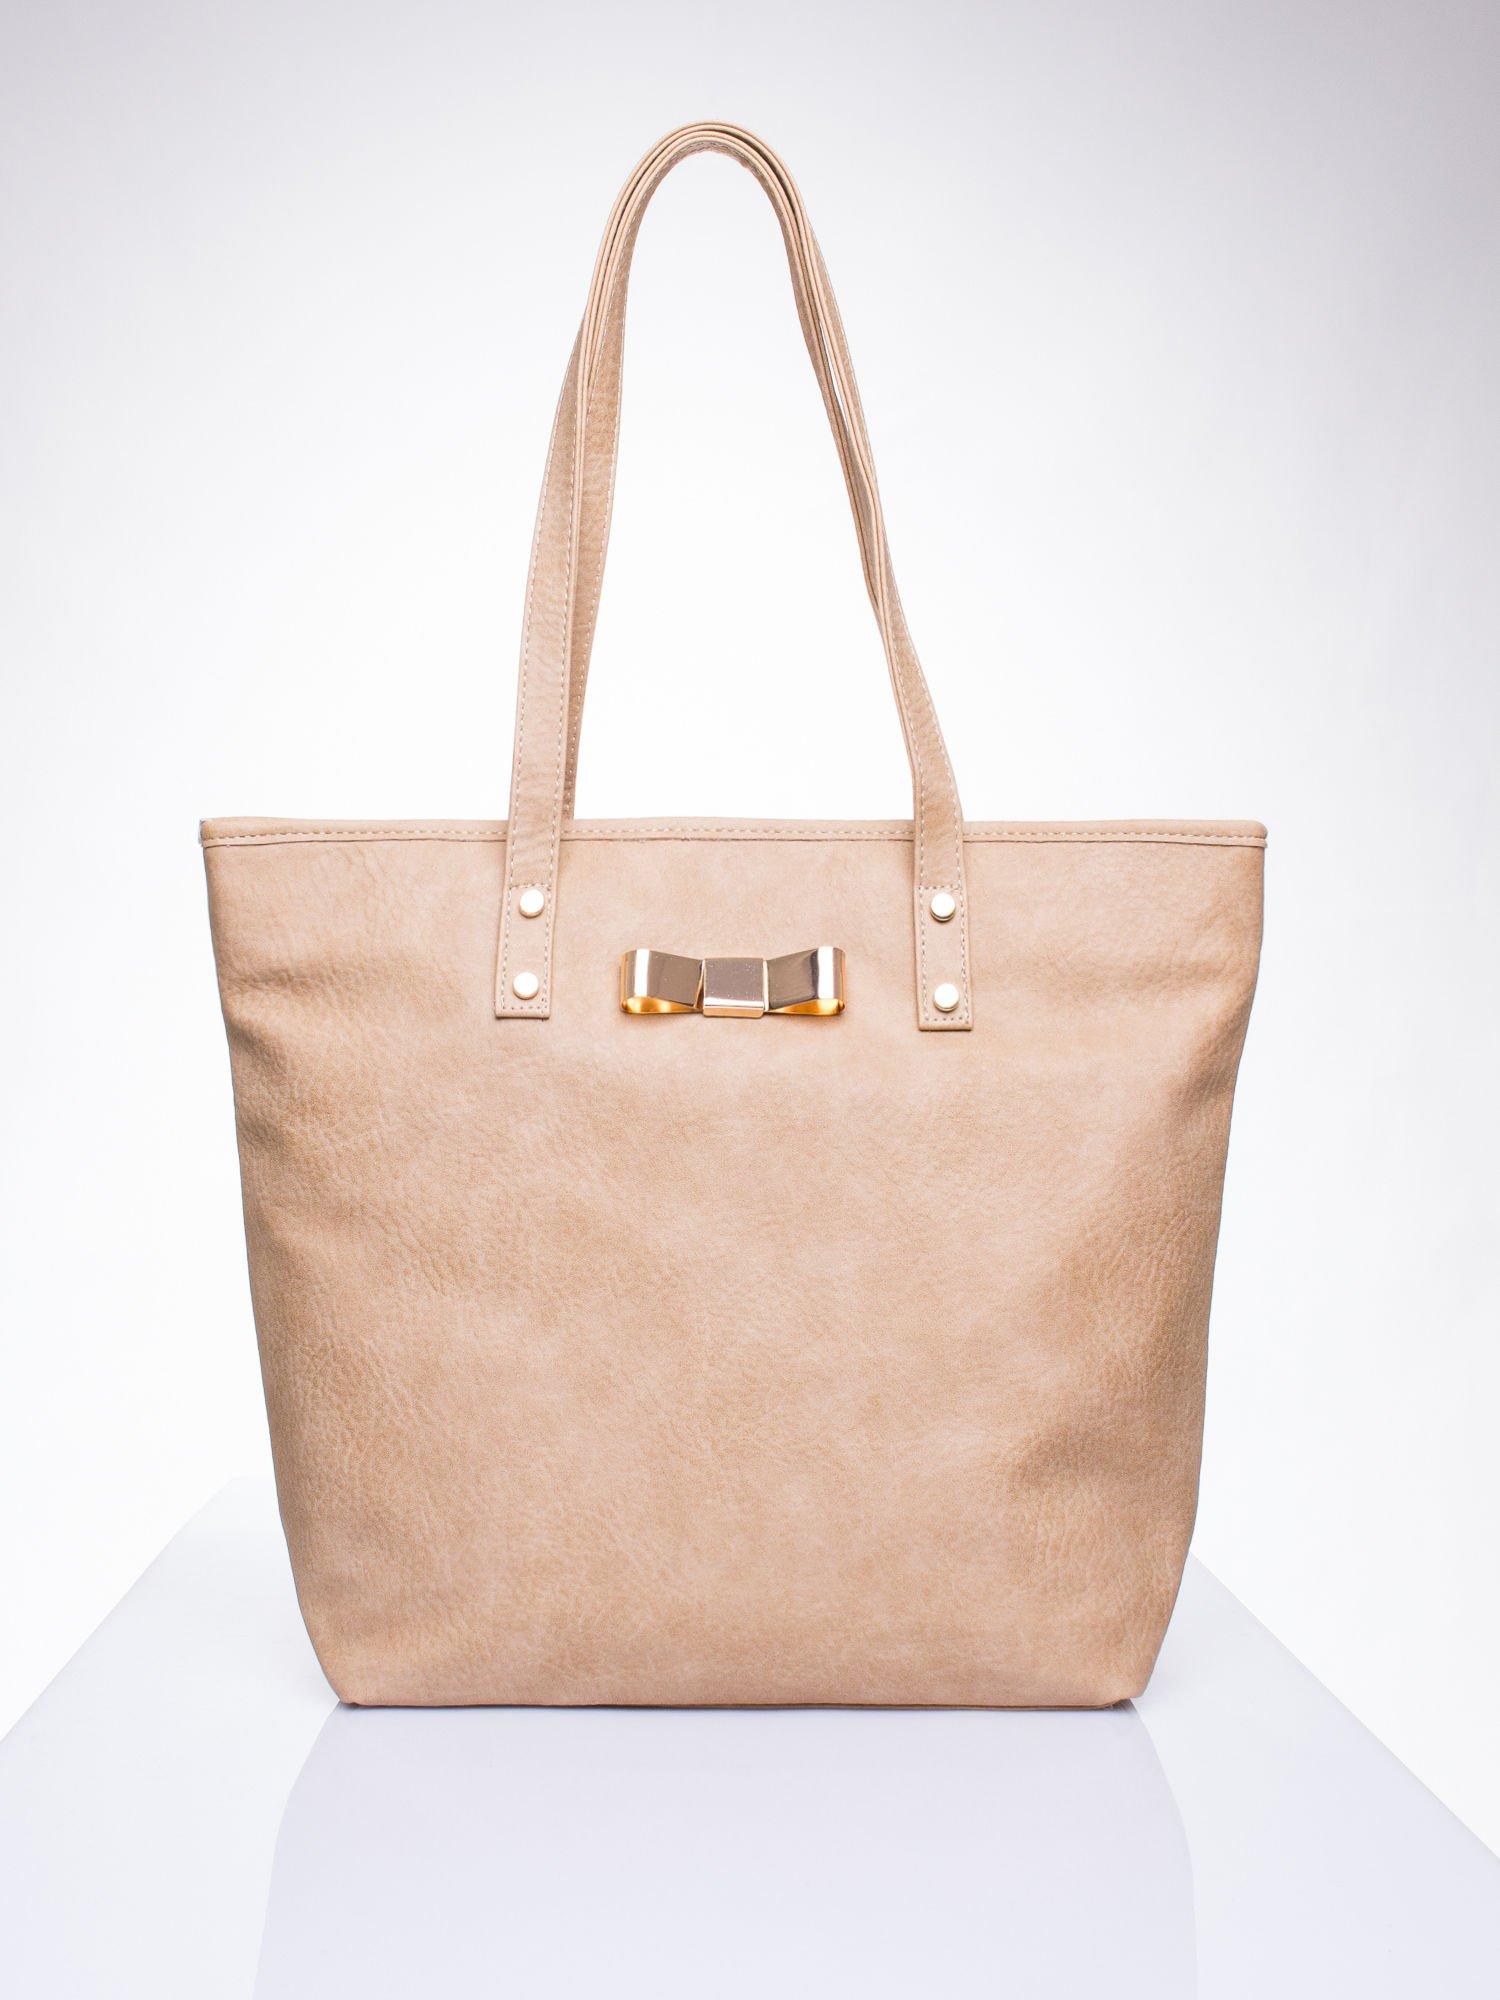 Jasnobrązowa torebka shopper bag z kokardką                                  zdj.                                  1